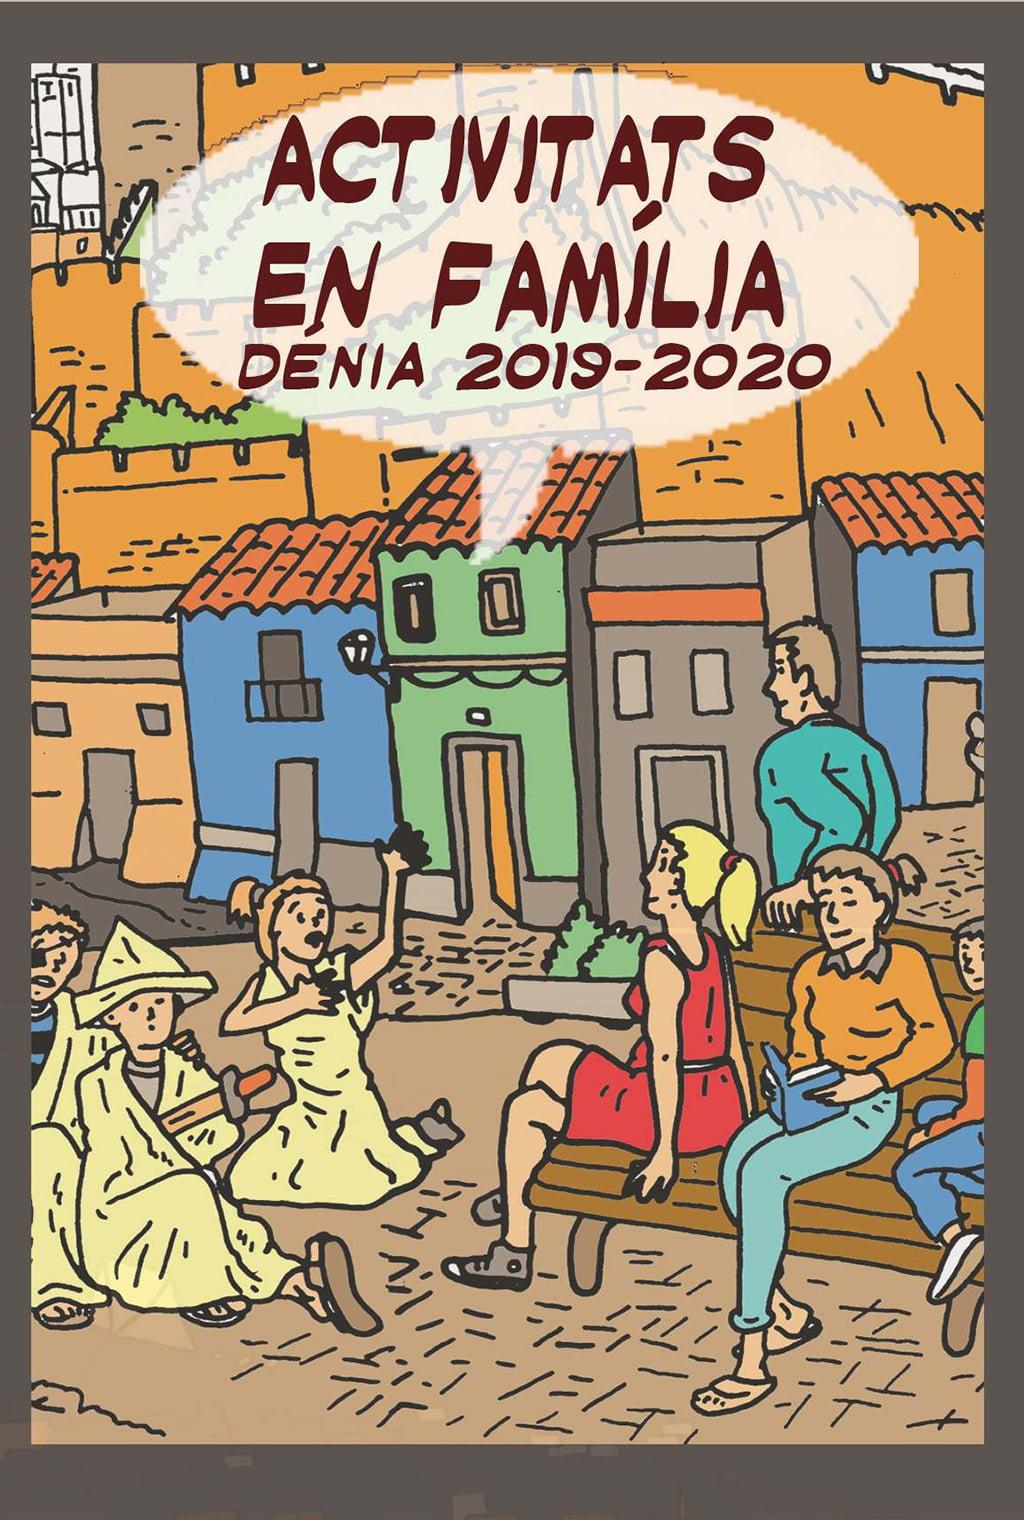 Cartel Activitats en Familia 2019-2020